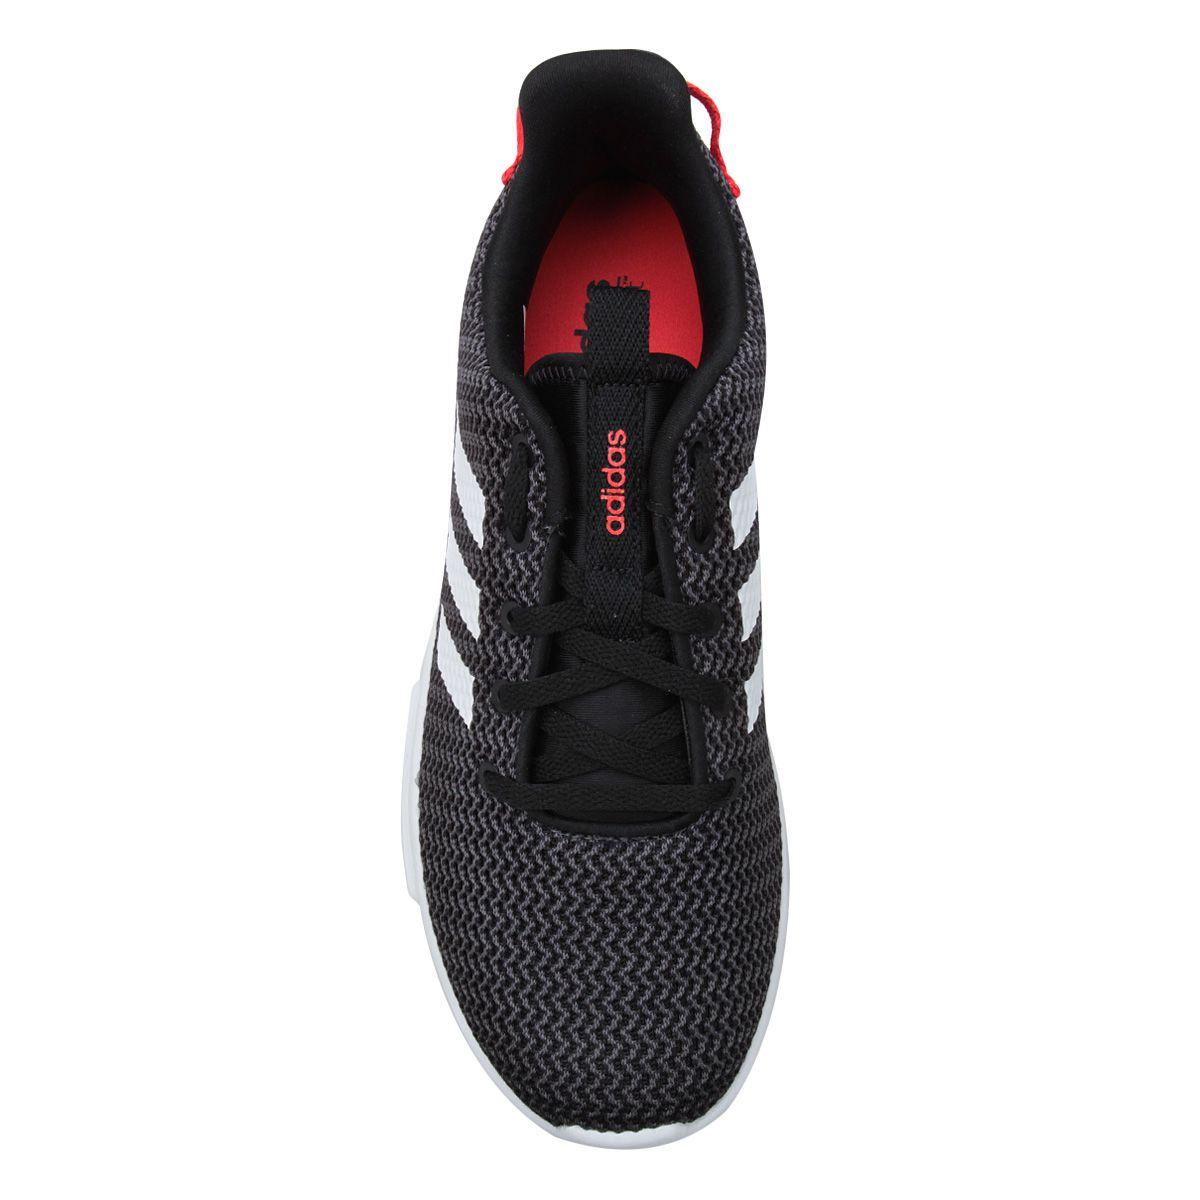 e245e2ec205 Tênis Masculino Adidas Cf Racer Tr - BRACIA SHOP  Loja de Roupas ...